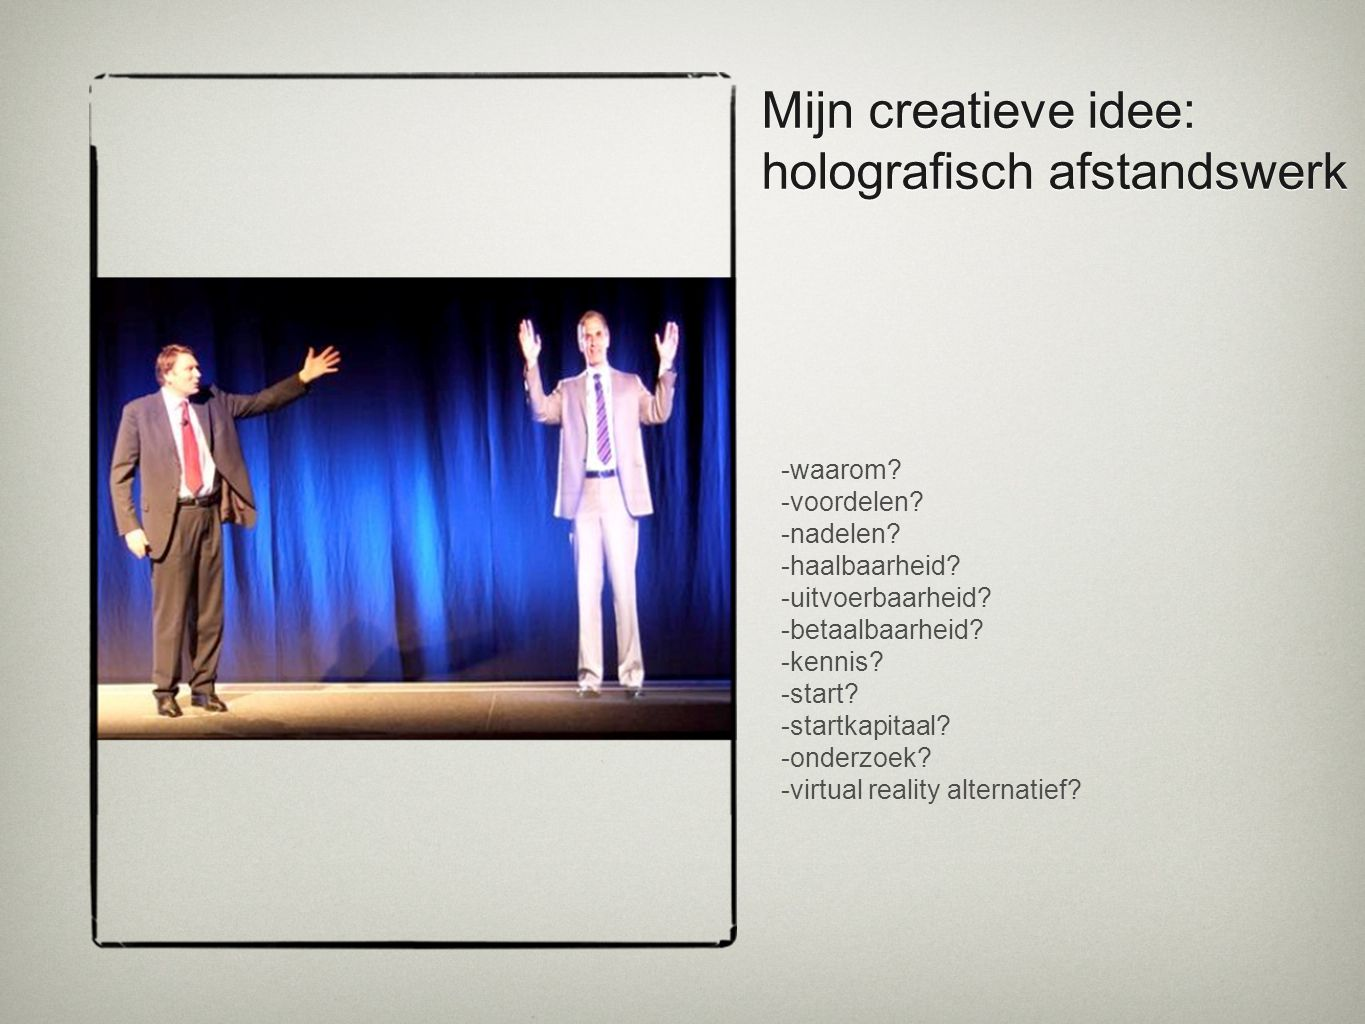 Mijn creatieve idee: holografisch afstandswerk -waarom? -voordelen? -nadelen? -haalbaarheid? -uitvoerbaarheid? -betaalbaarheid? -kennis? -start? -star